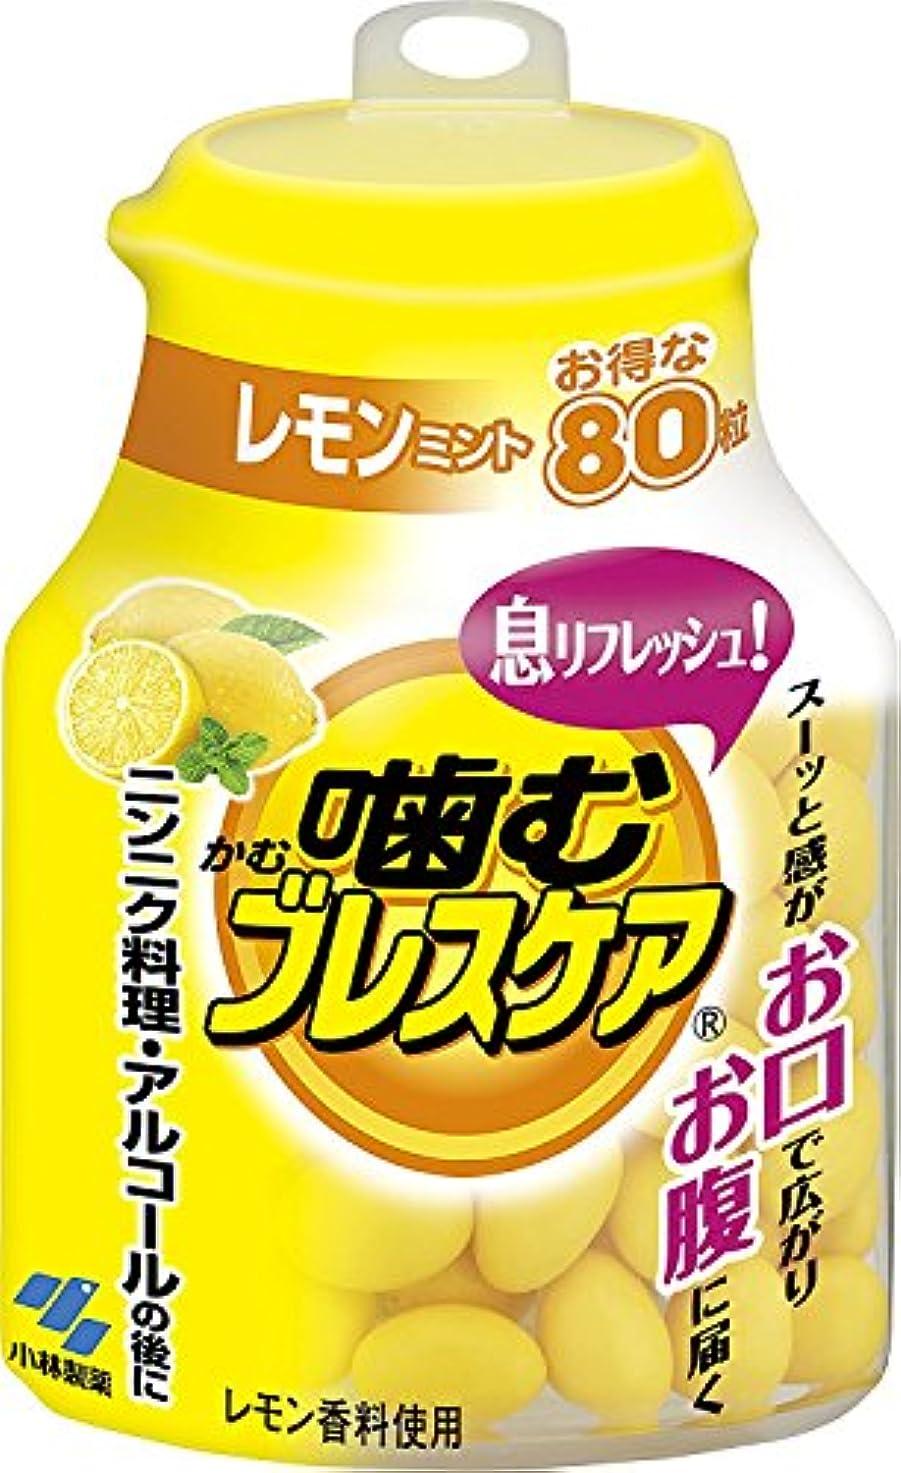 消防士調和家庭教師噛むブレスケア 息リフレッシュグミ レモンミント ボトルタイプ お得な80粒